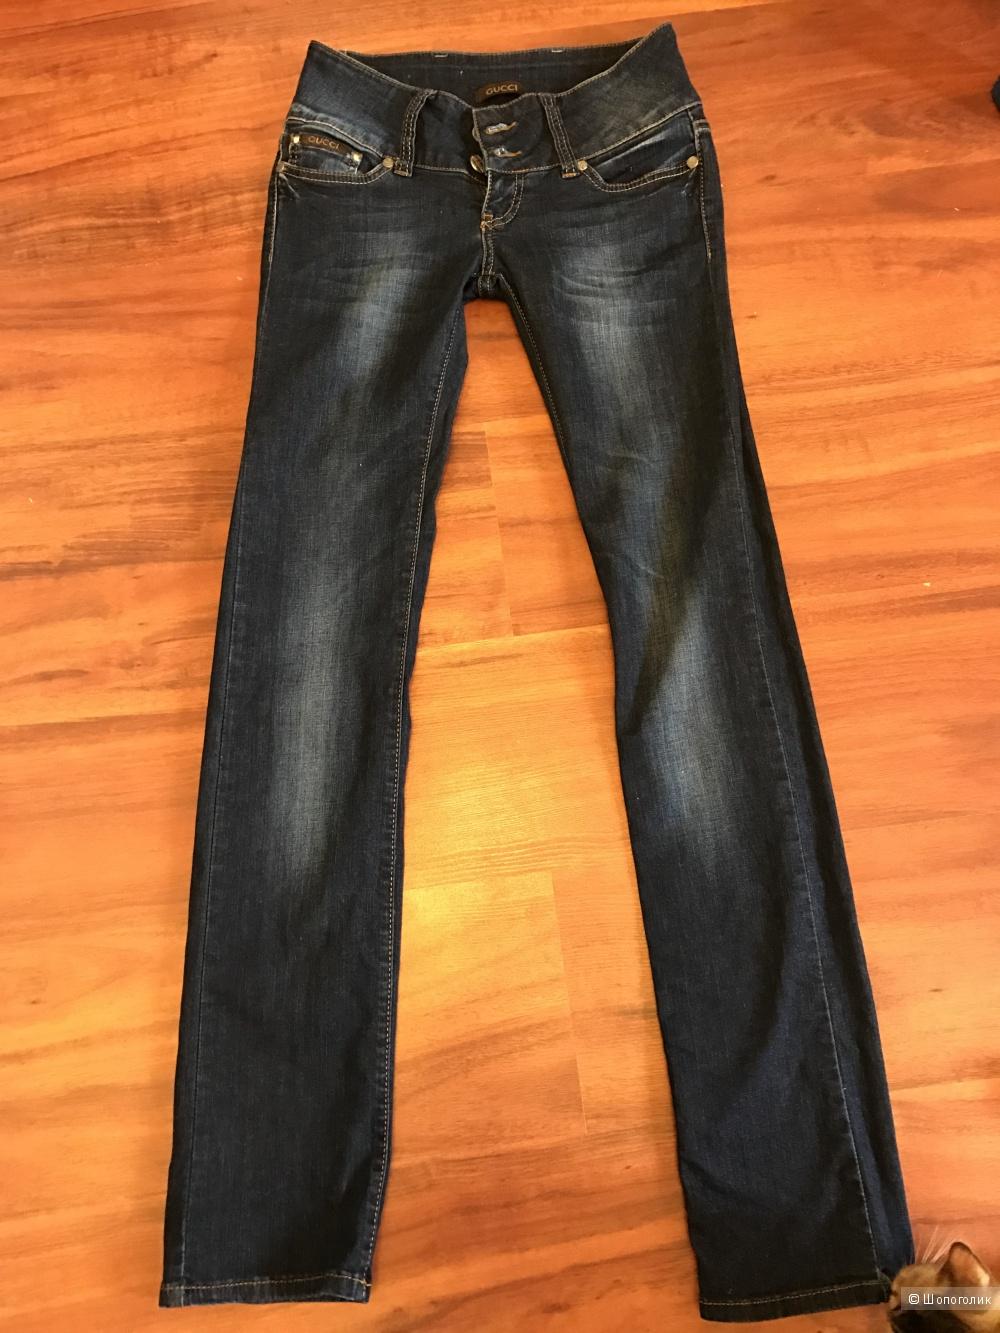 Джинсы Gucci размер 27 с ремешком Италия Оригинал одеты 1 раз